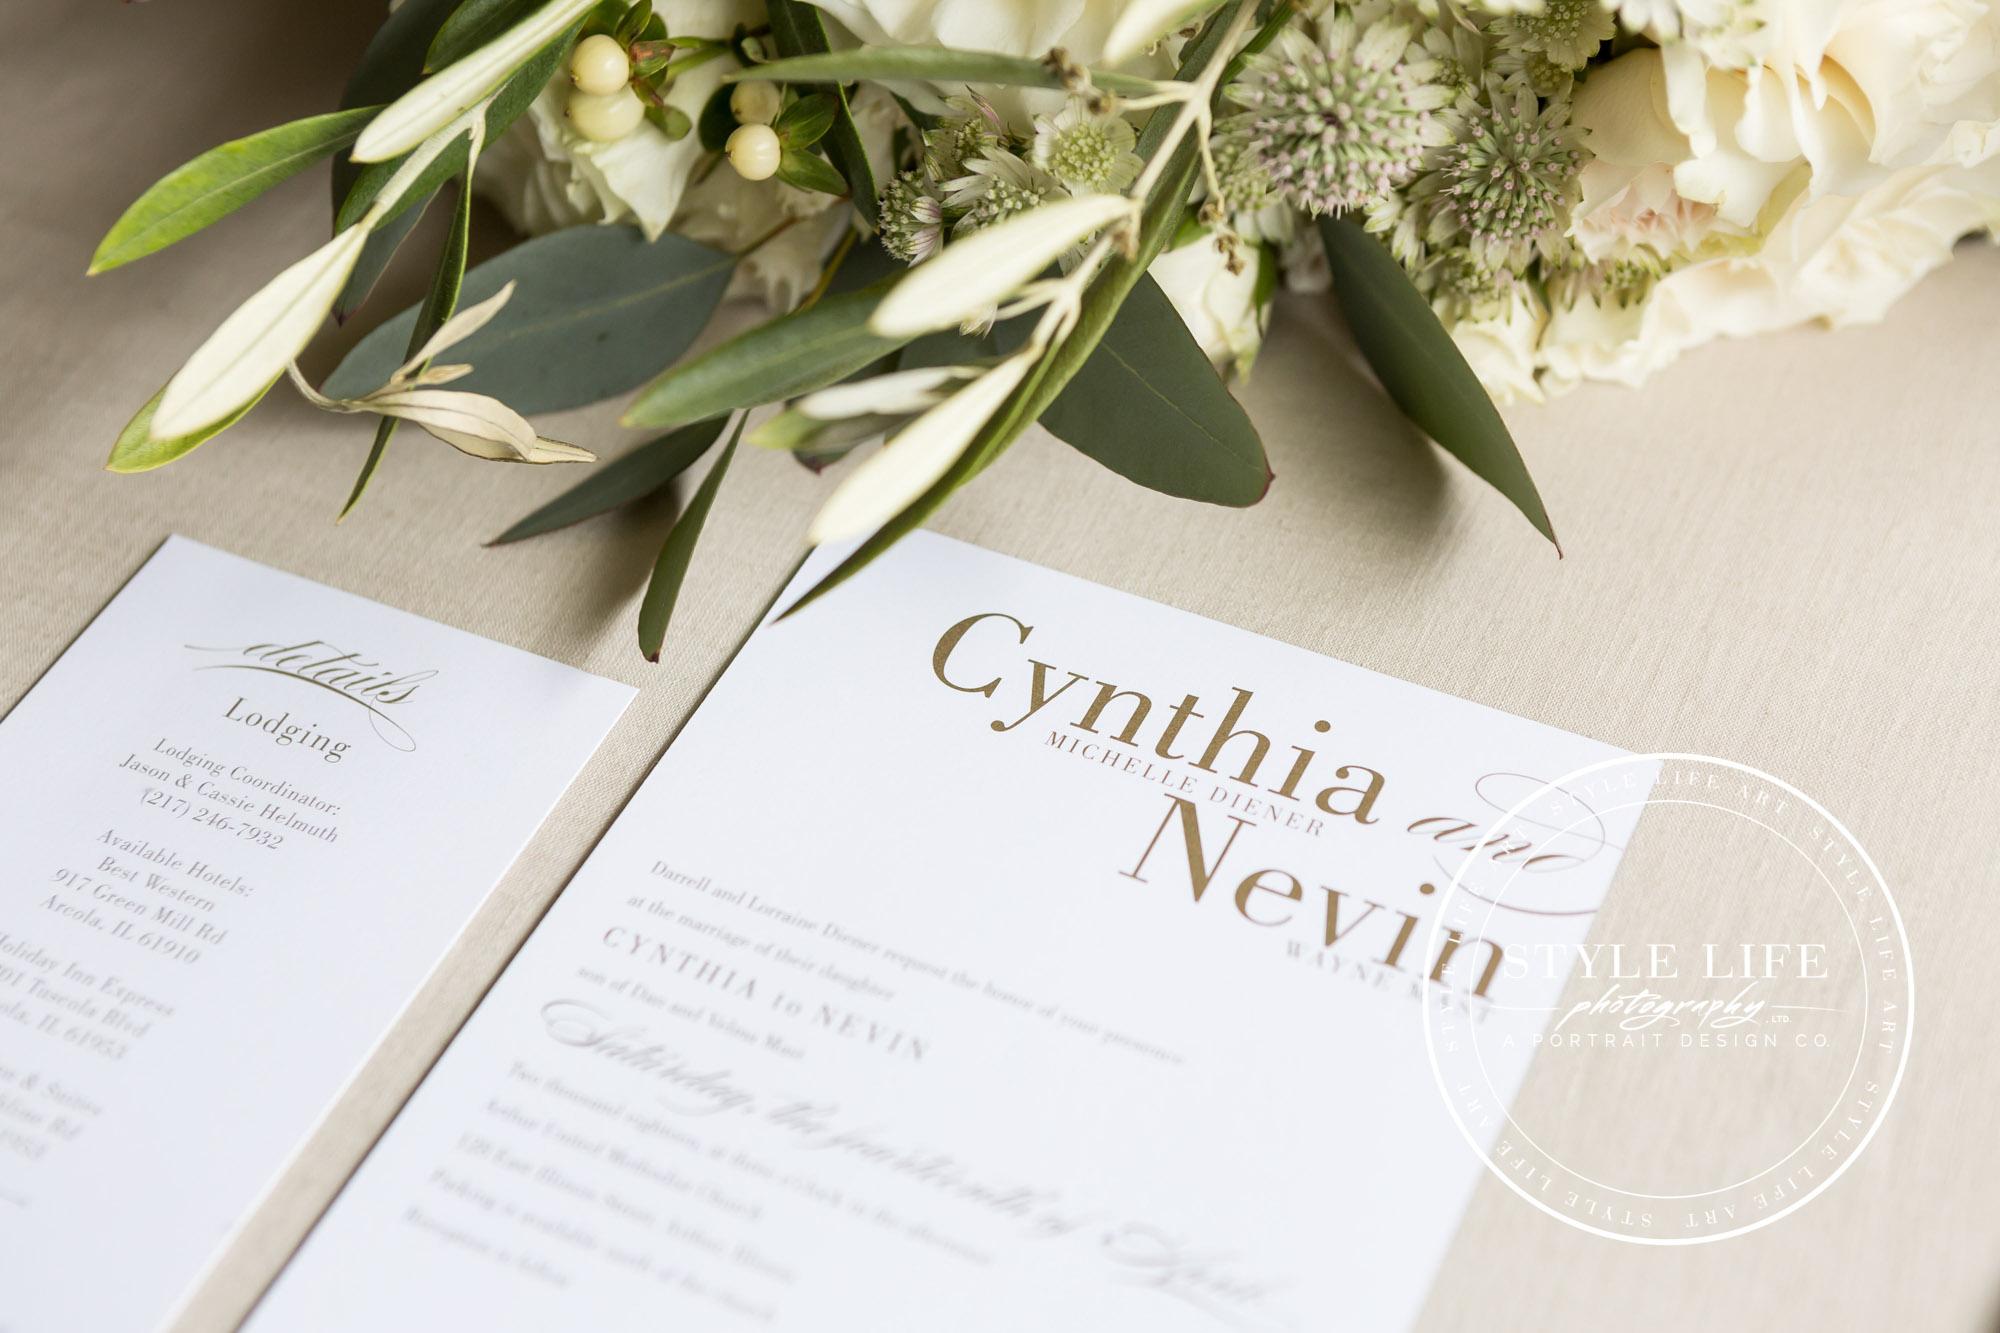 Nevin & Cynthia-002-8x10-WEB